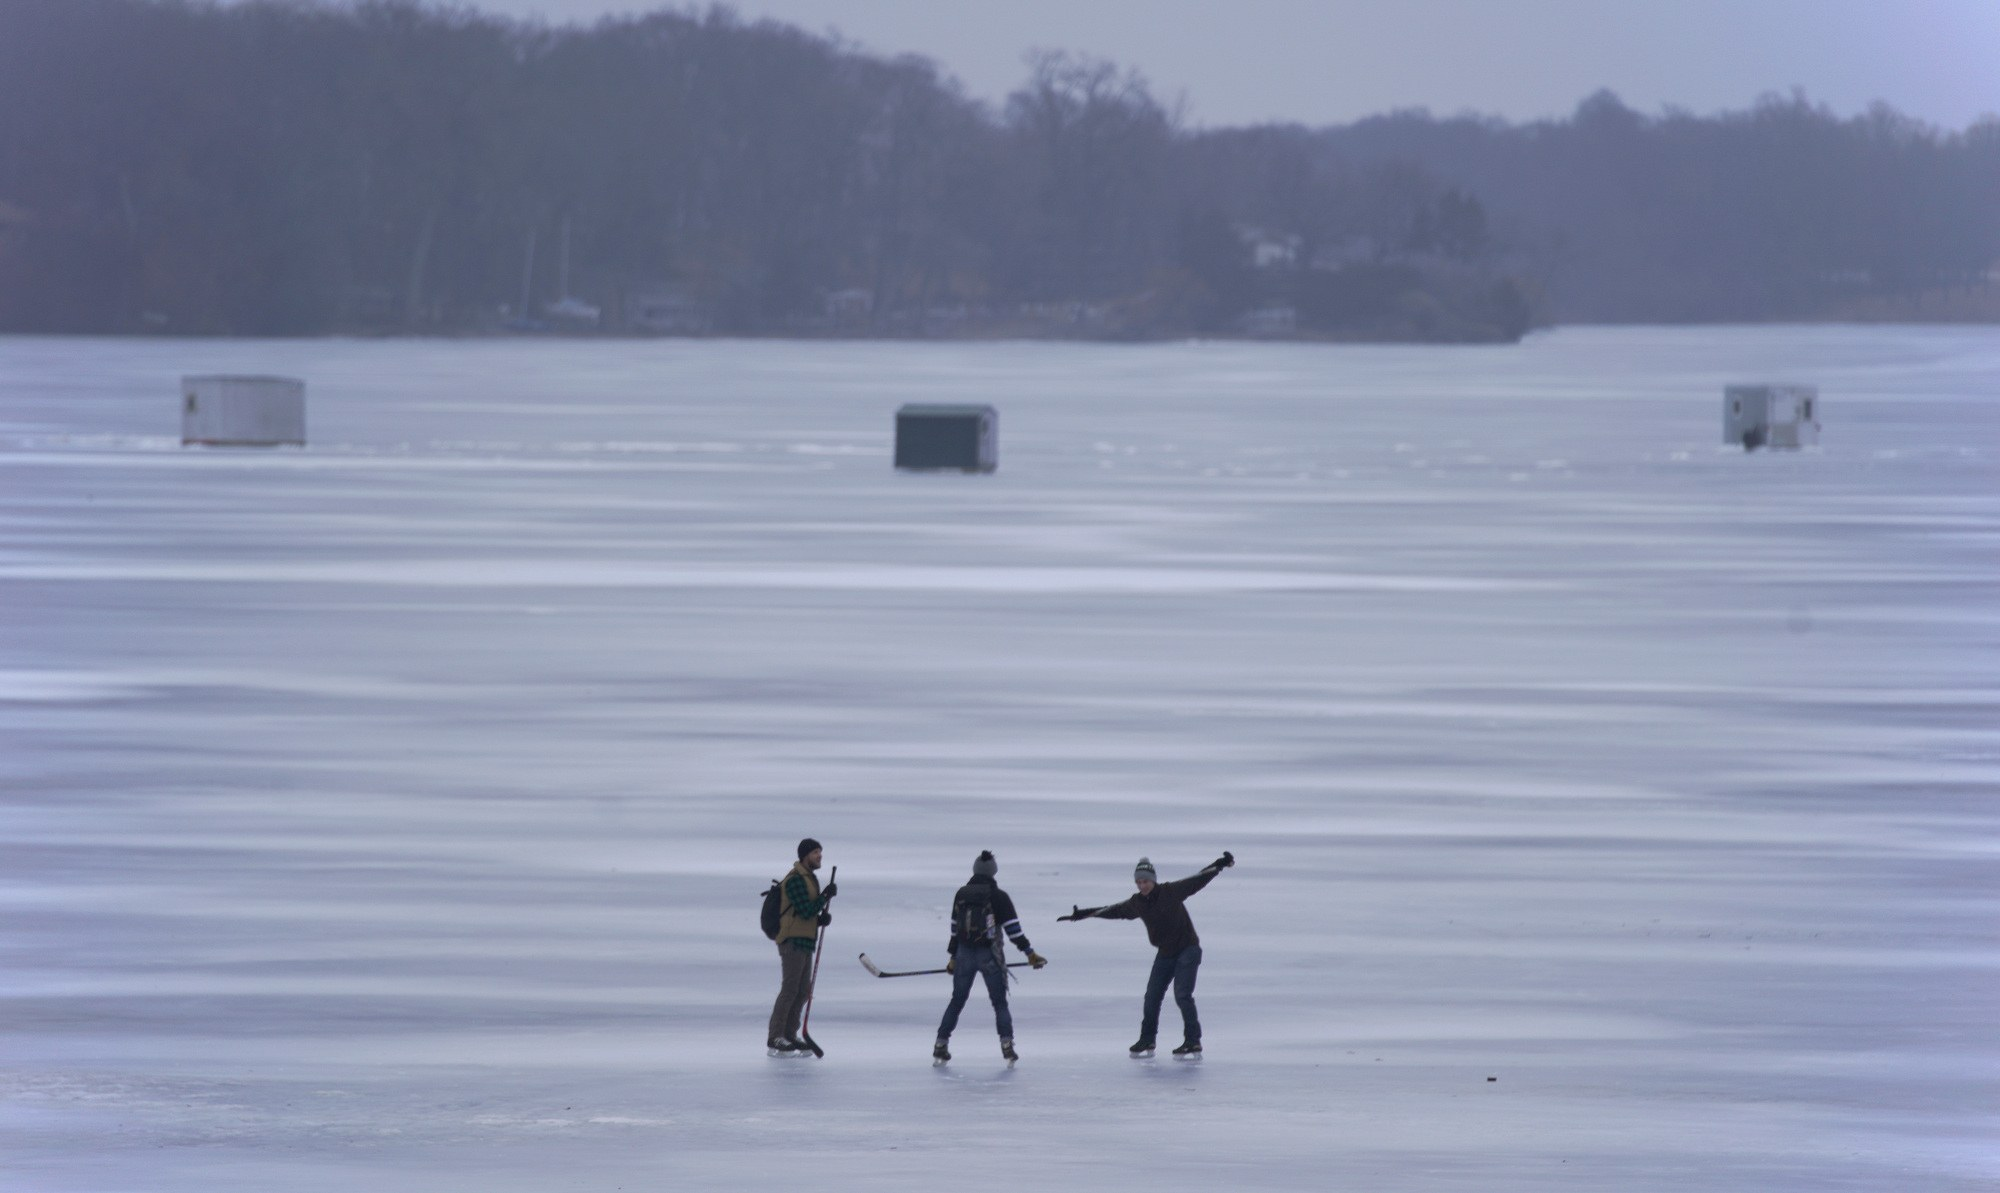 Έκαναν πατινάζ με…καναπέ στην παγωμένη λίμνη της Μινεσότα (vid)